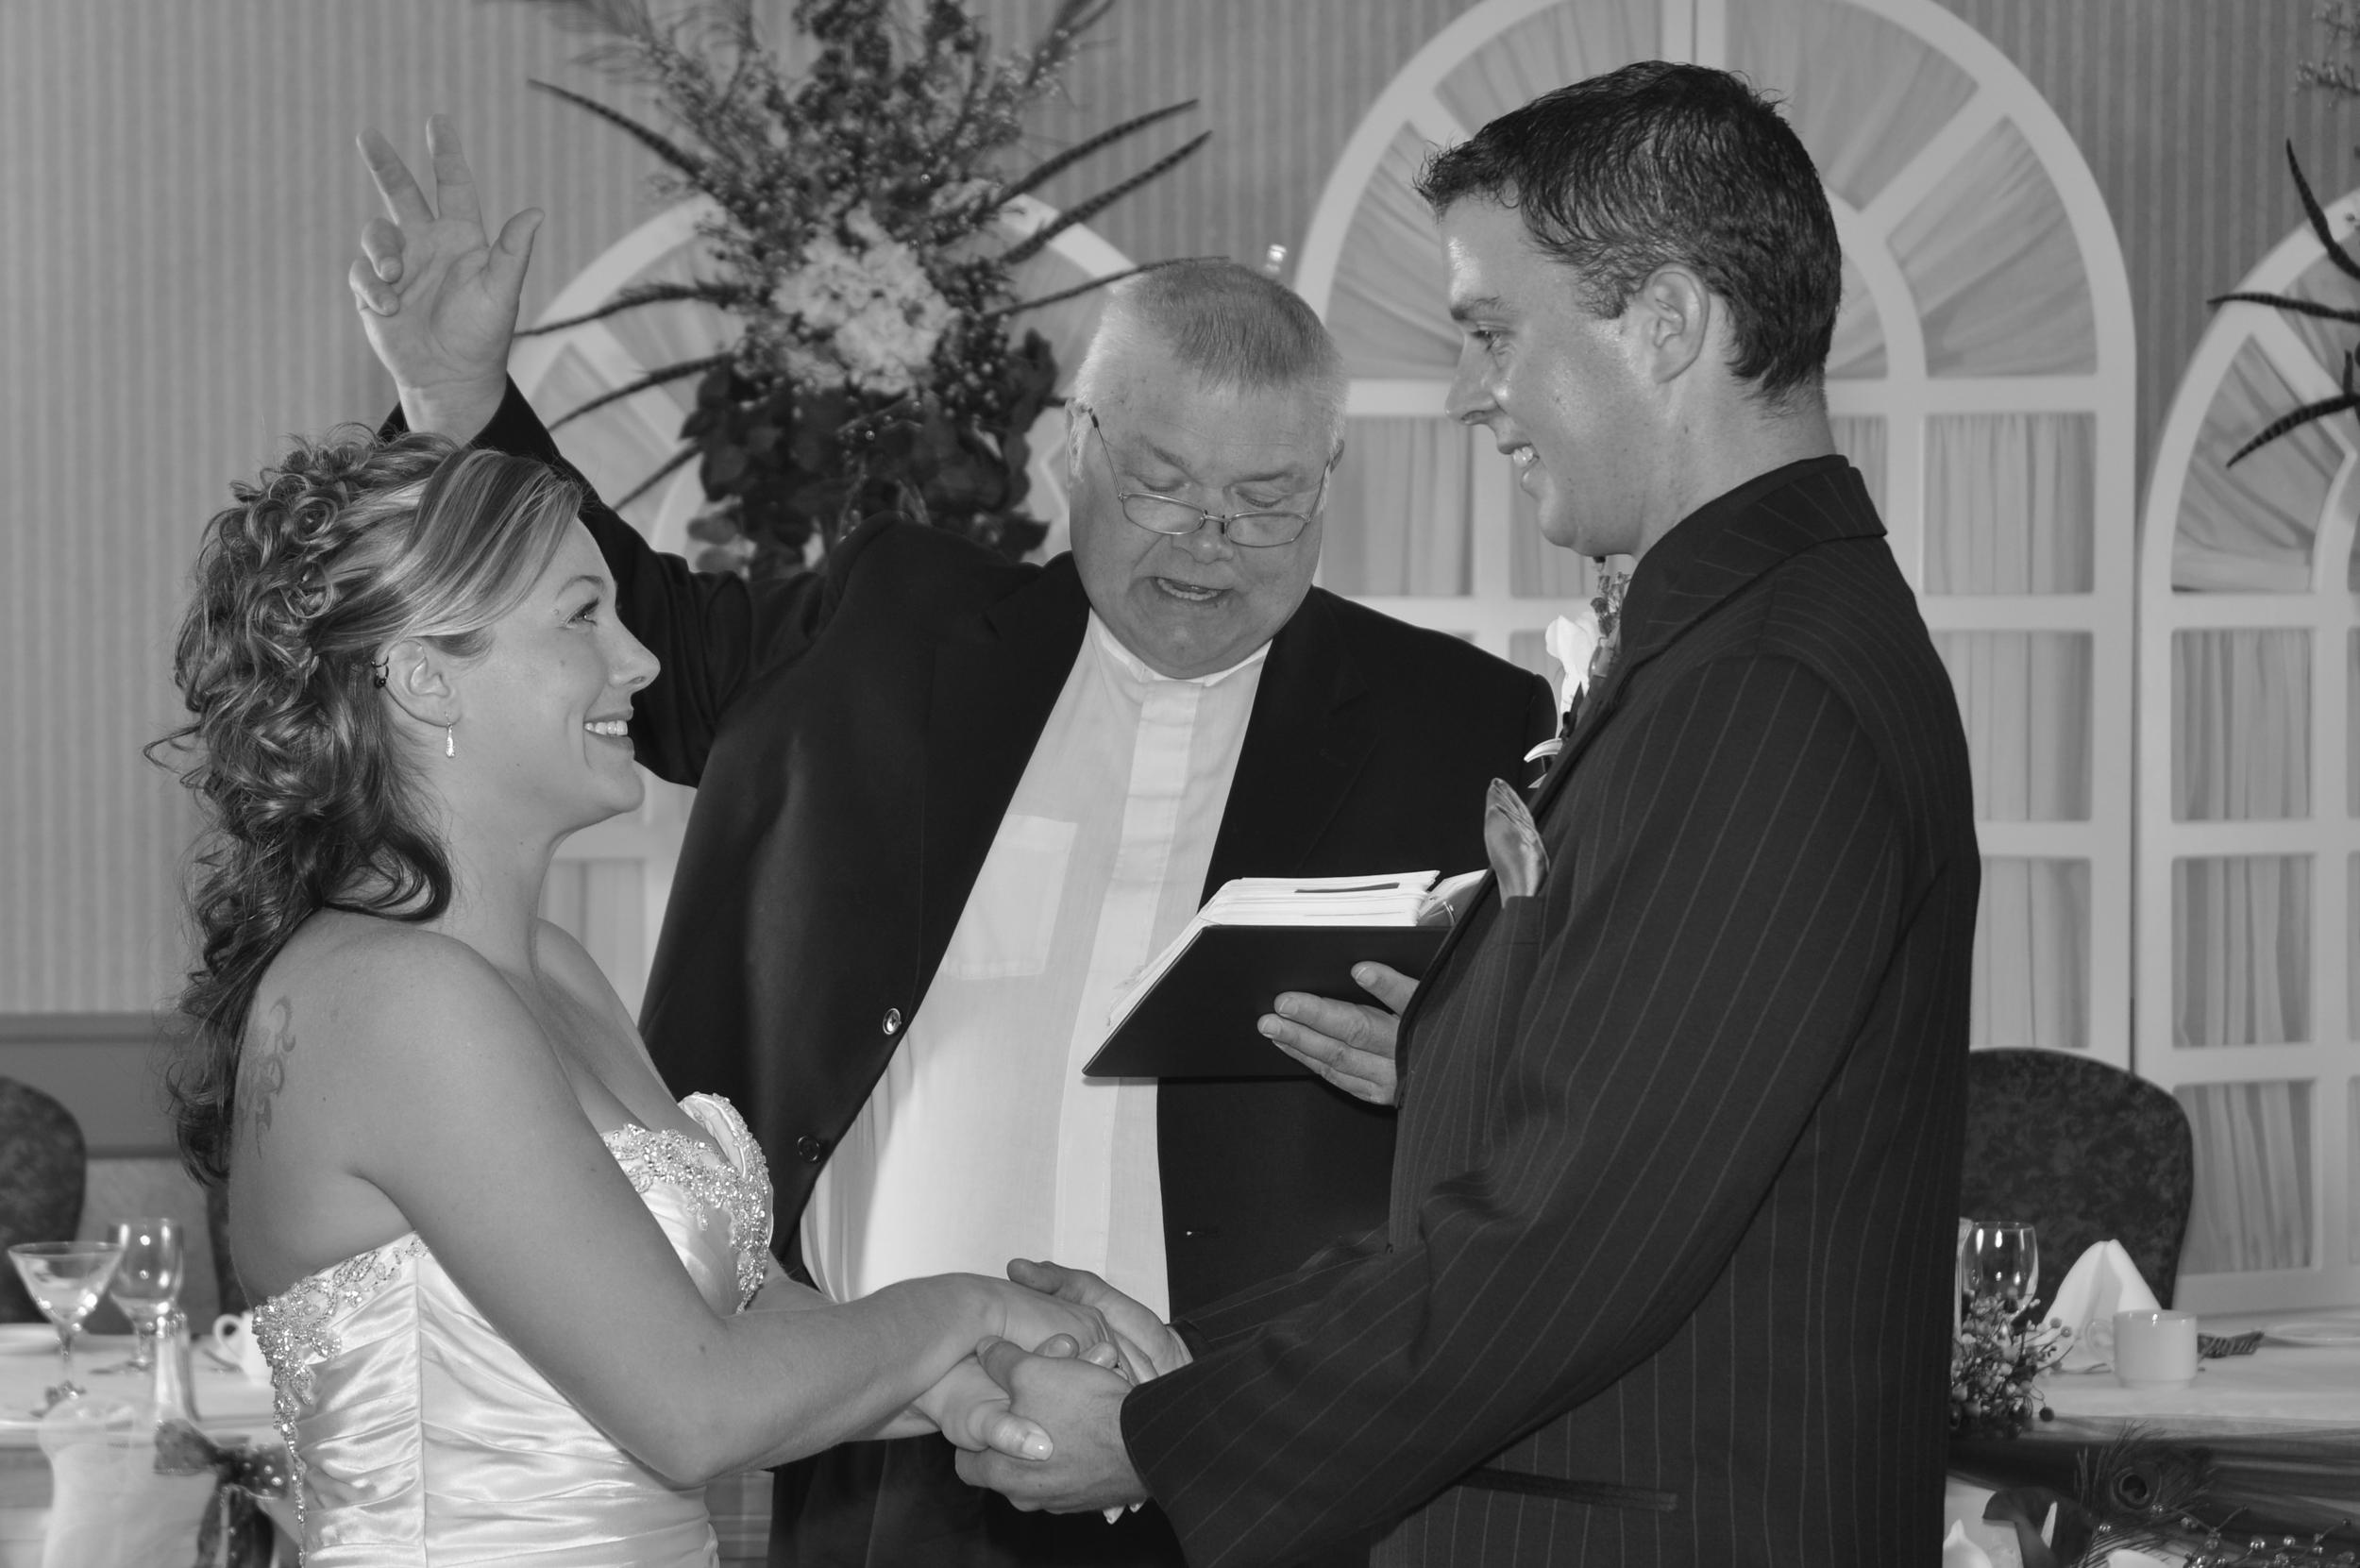 Stewart, Lacie_Stewart Wedding_Ceremony BW_0273.jpg